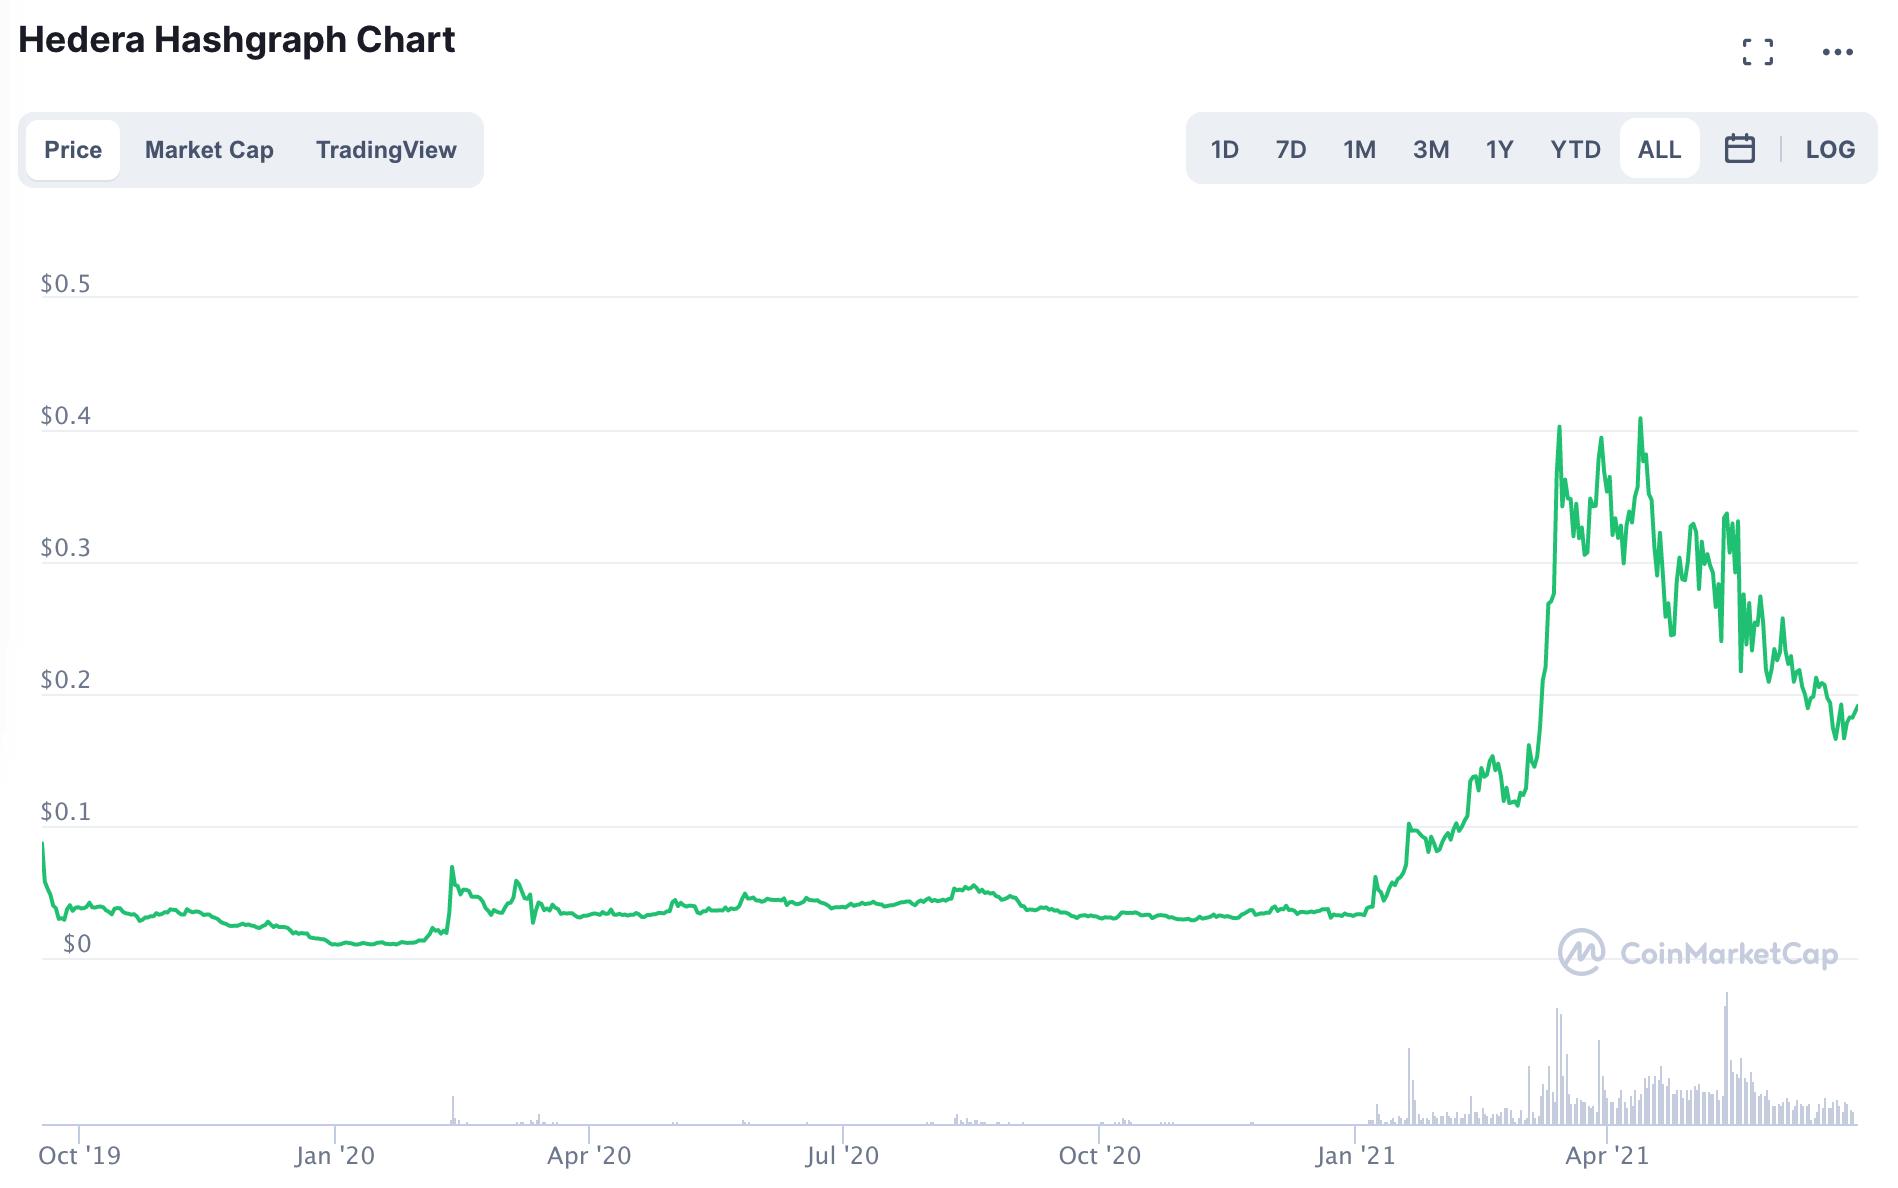 HBAR Chart